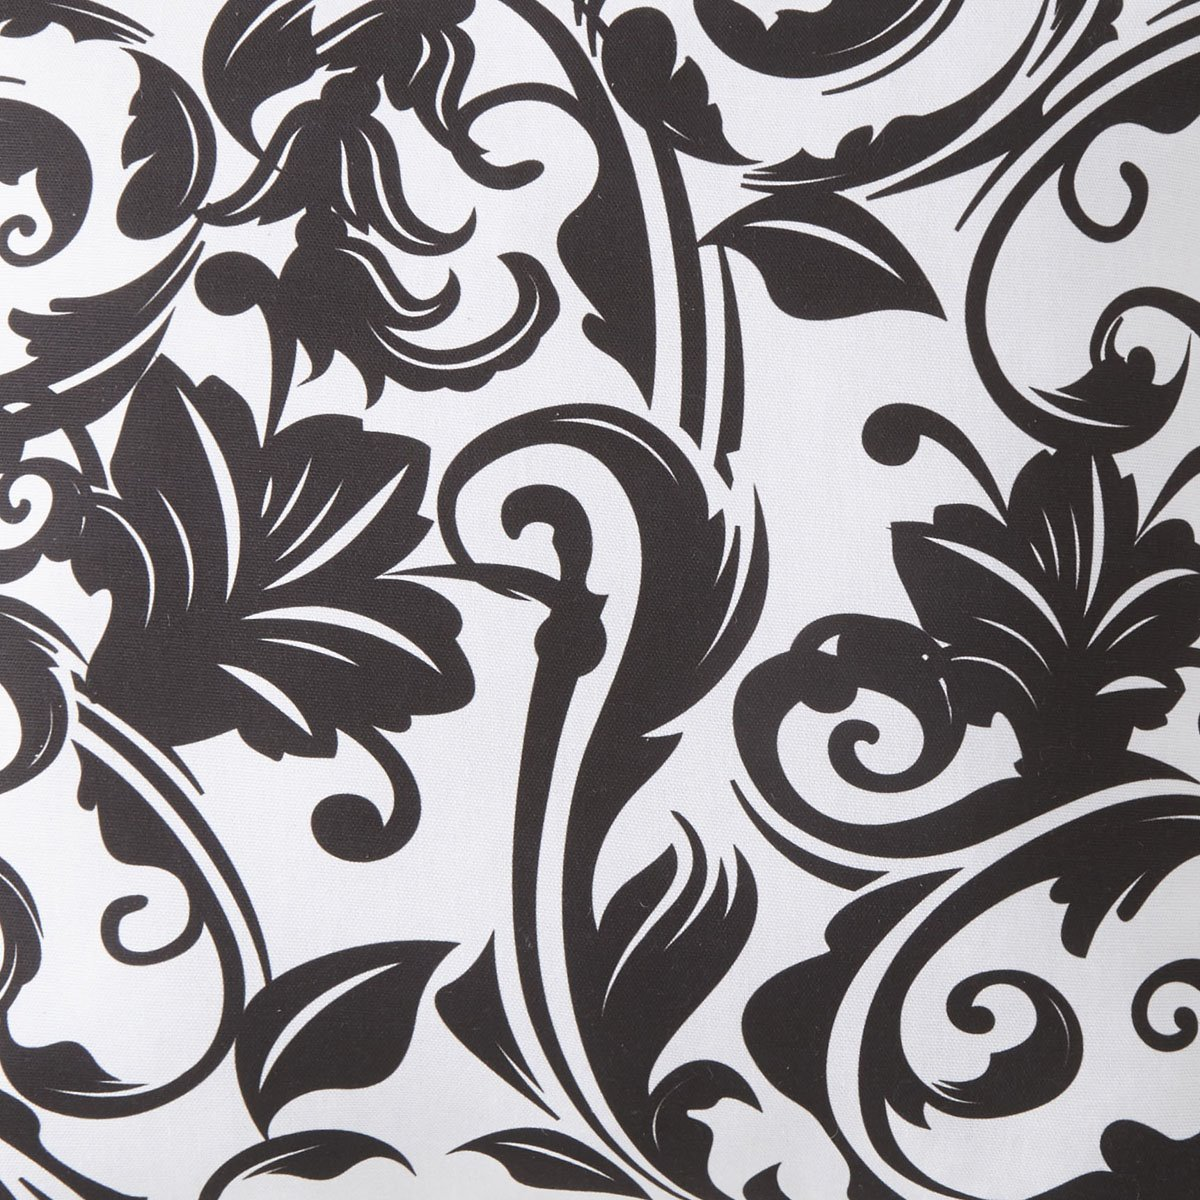 Scrollwork Fabric Per Yard - Scroll Pattern